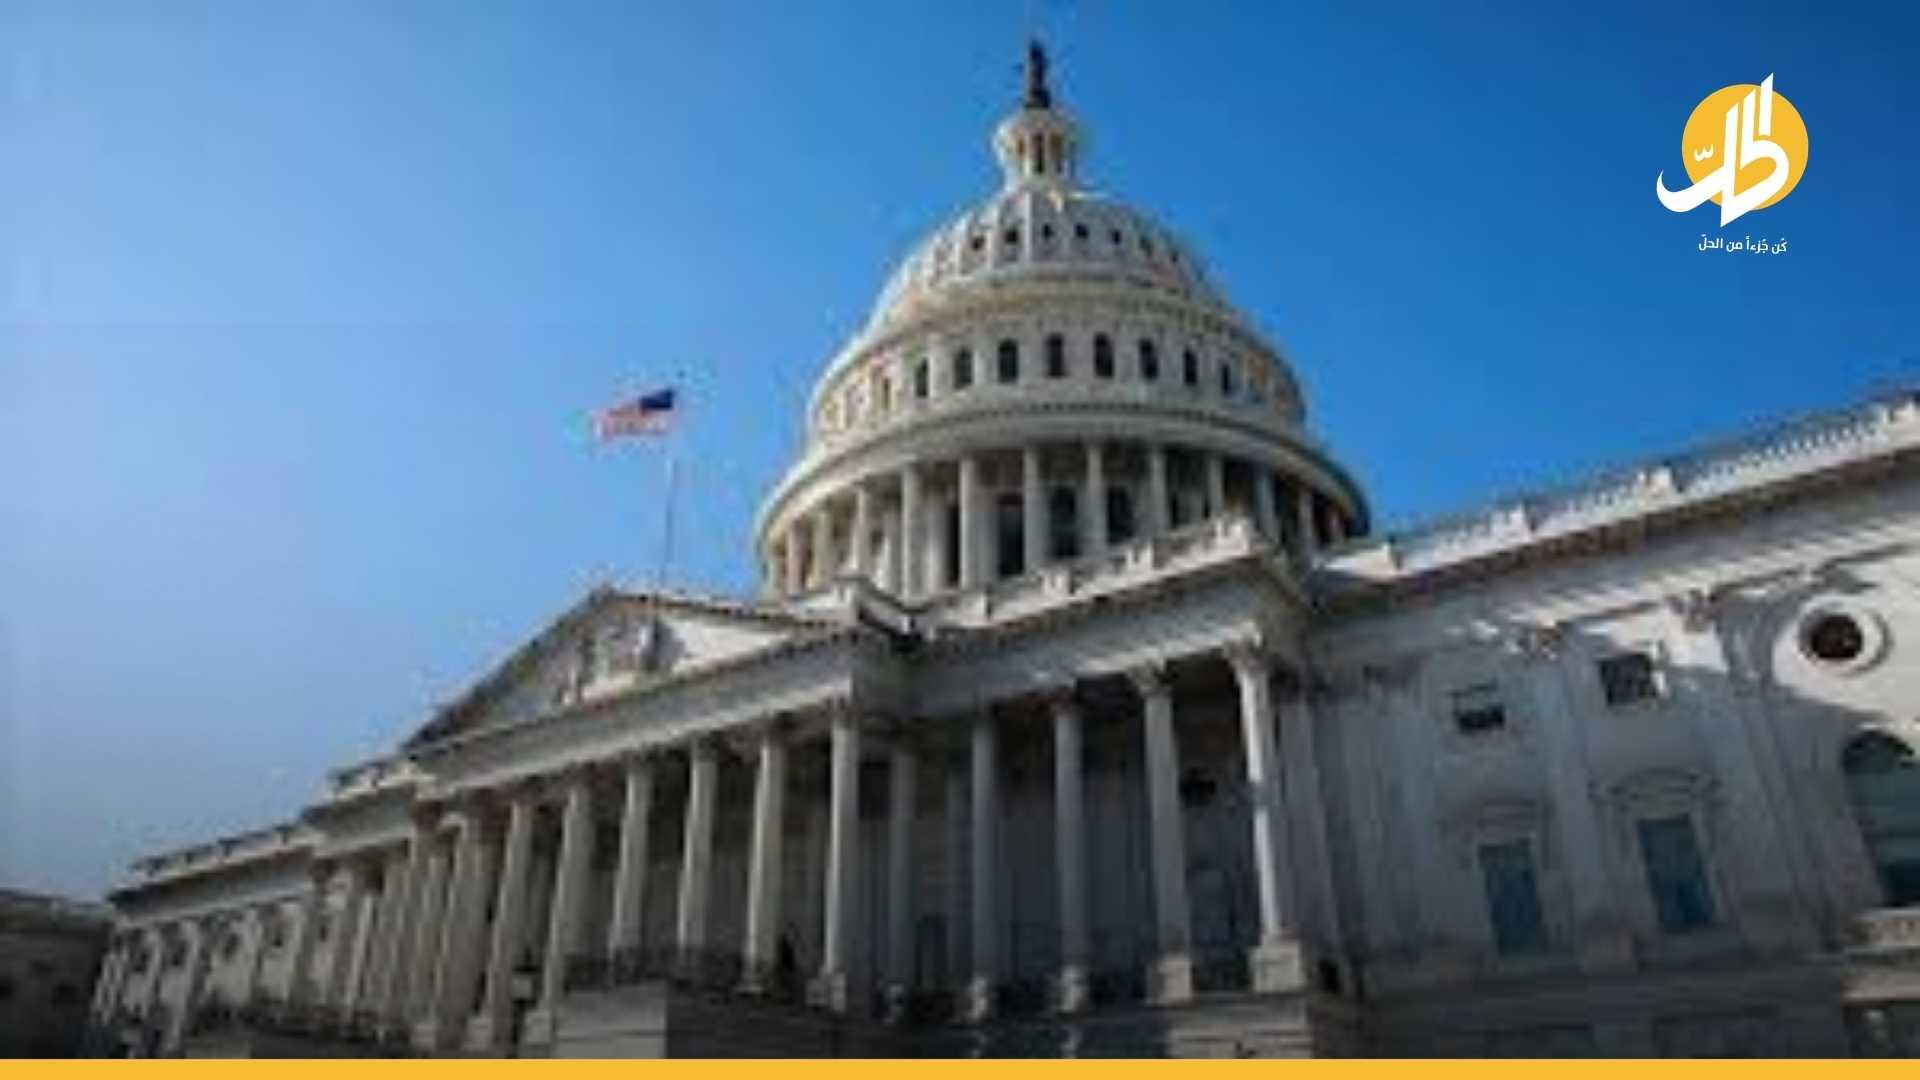 """الكونغرس الأميركي يُلغي التفويض الذي استخدمه """"بوش"""" لـ «الحرب في العراق»"""